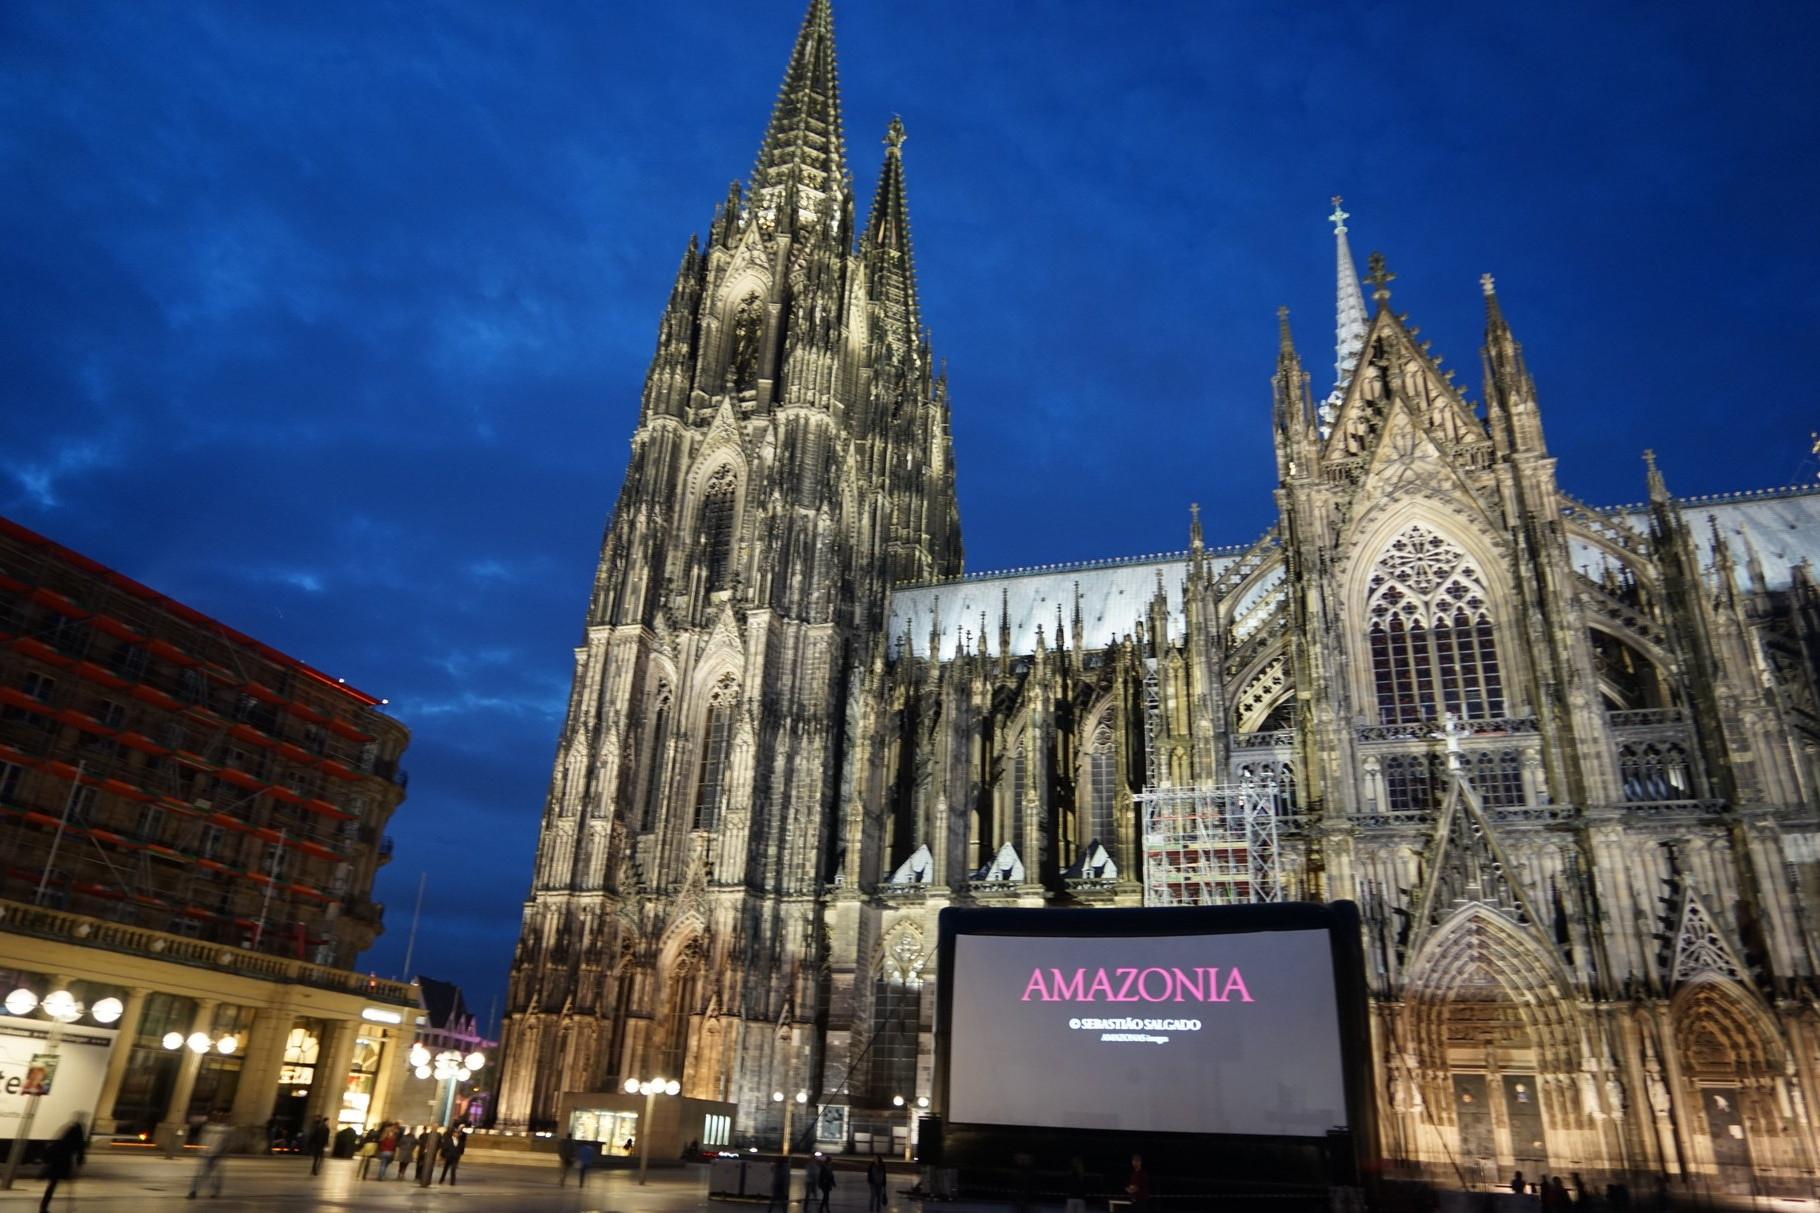 EVENTS - WWF lädt zum AMAZONASTAG nach Köln, Installation eines In-&Outdoor-Kinos, 2015, Köln